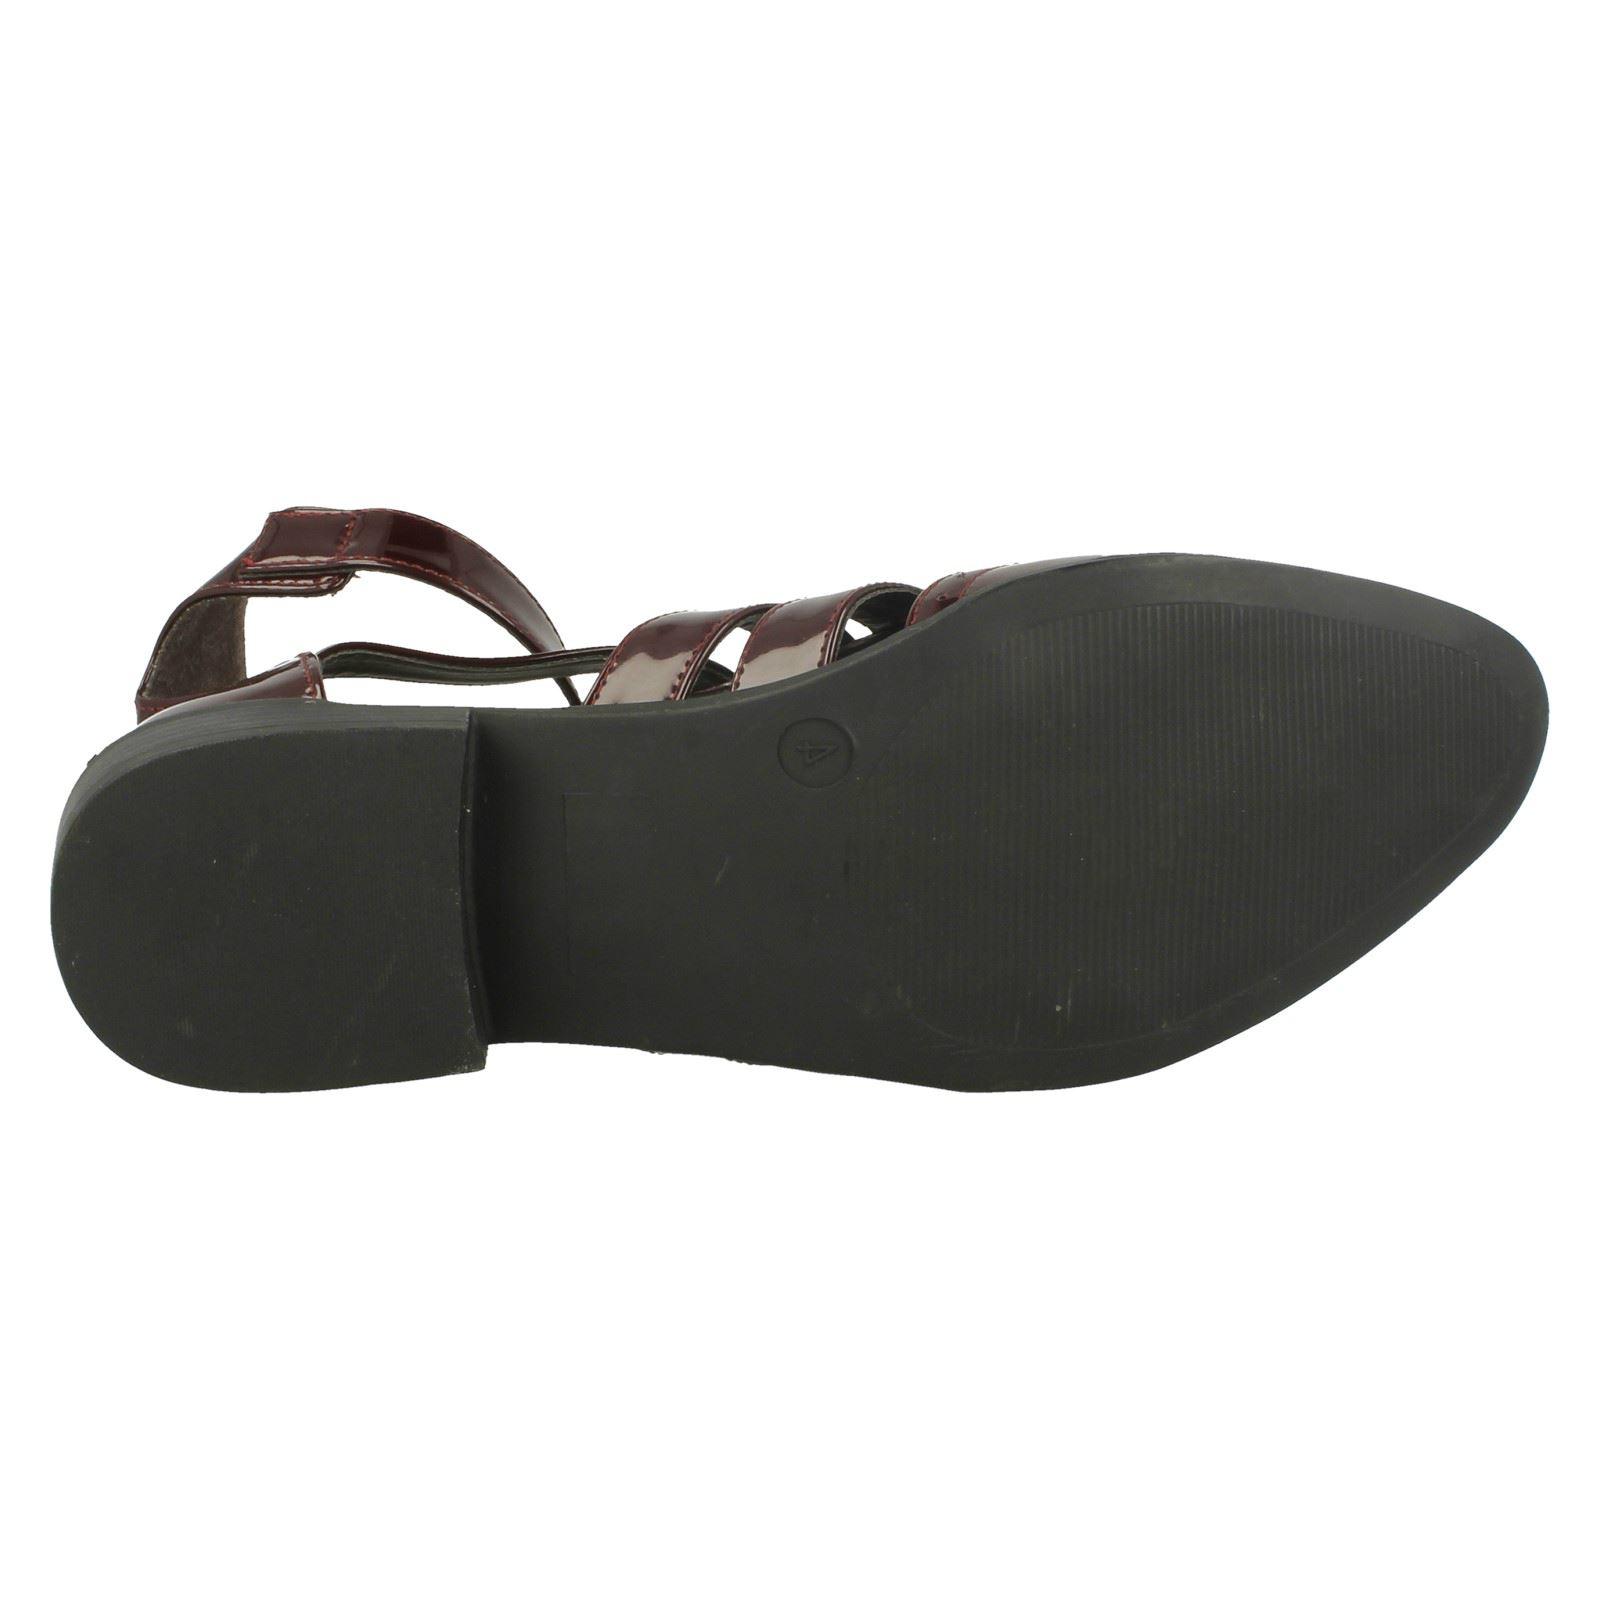 Spot On QT216 Ladies Dark Brown Open Toe Shoe UK4-6 R25A floor